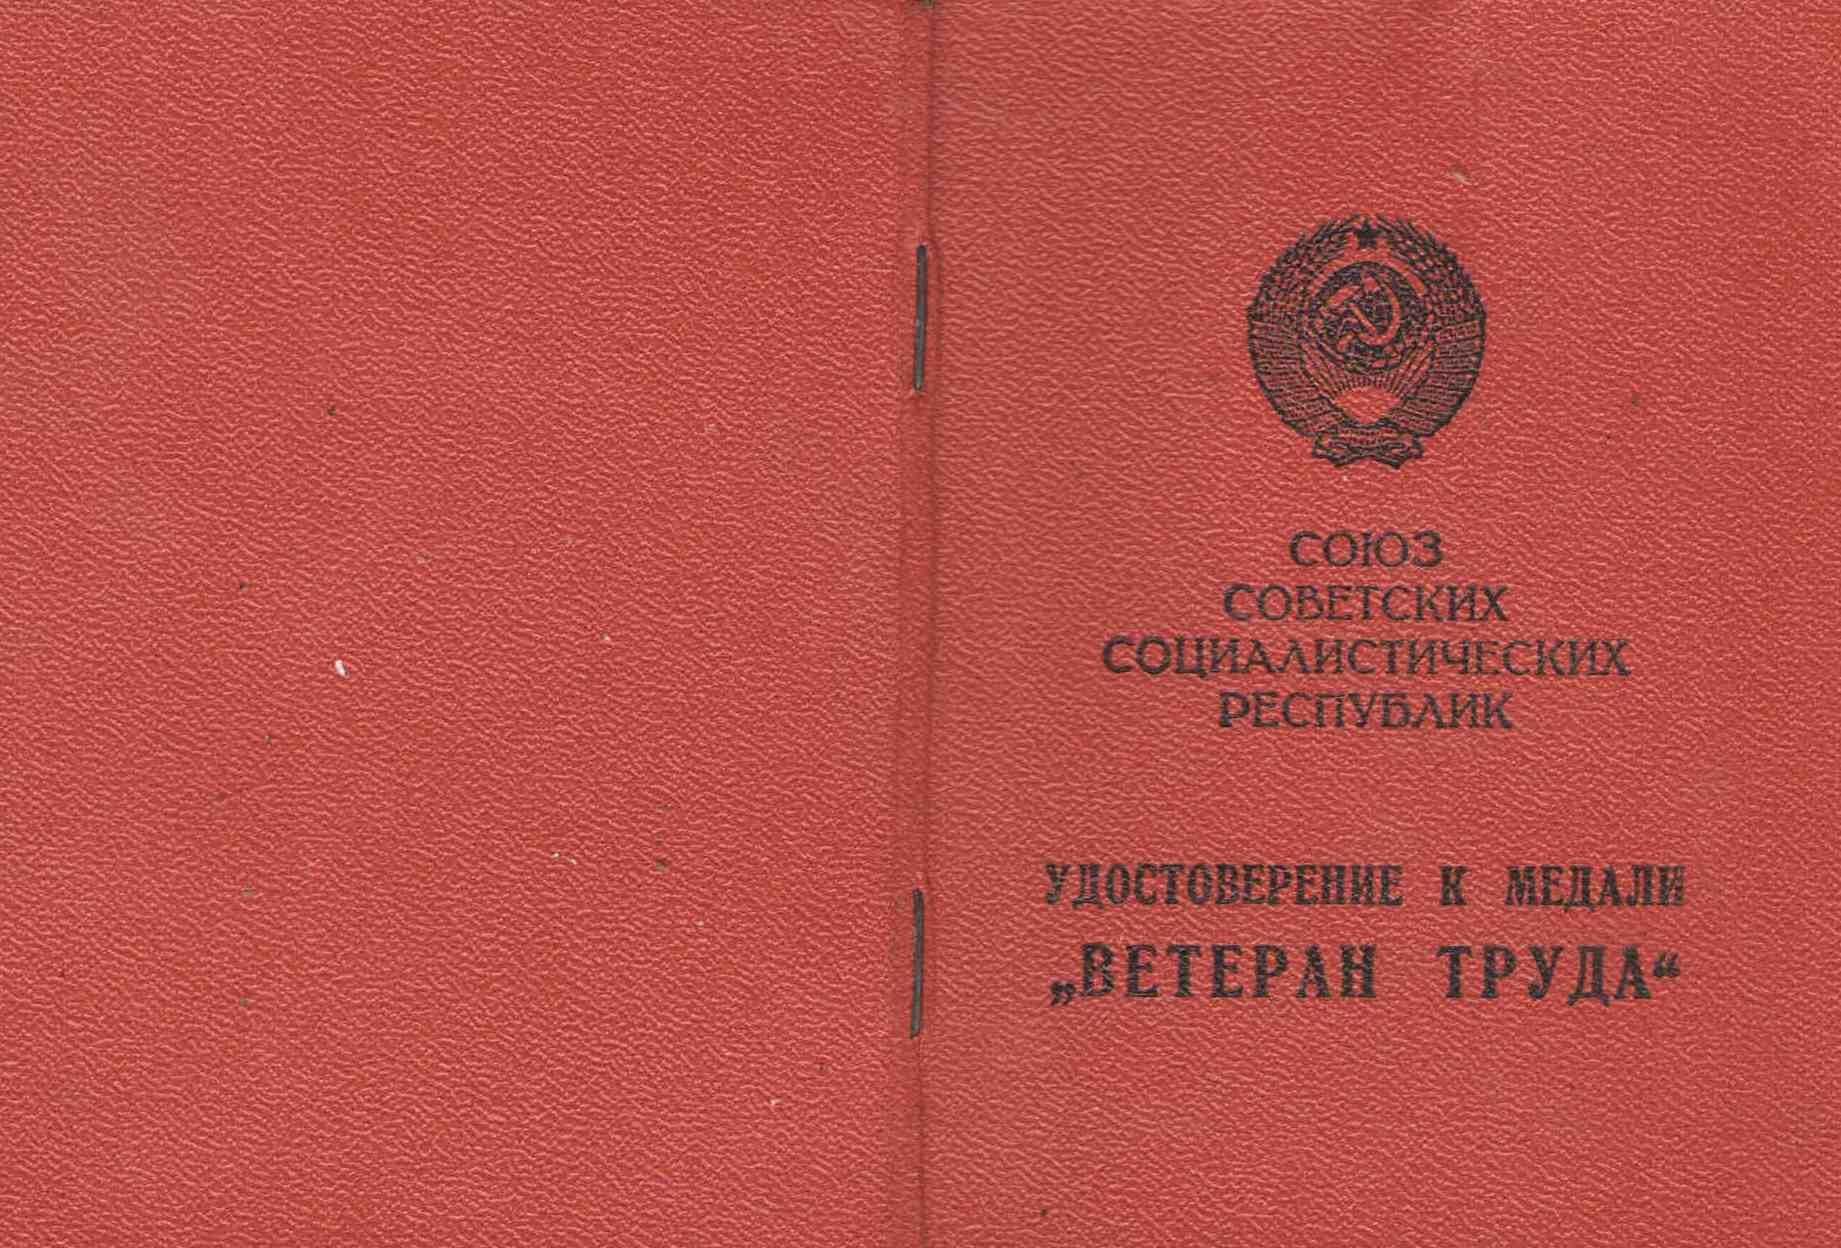 107. Удостоверение к медали Ветеран труда, Барыкин ПП, 1984